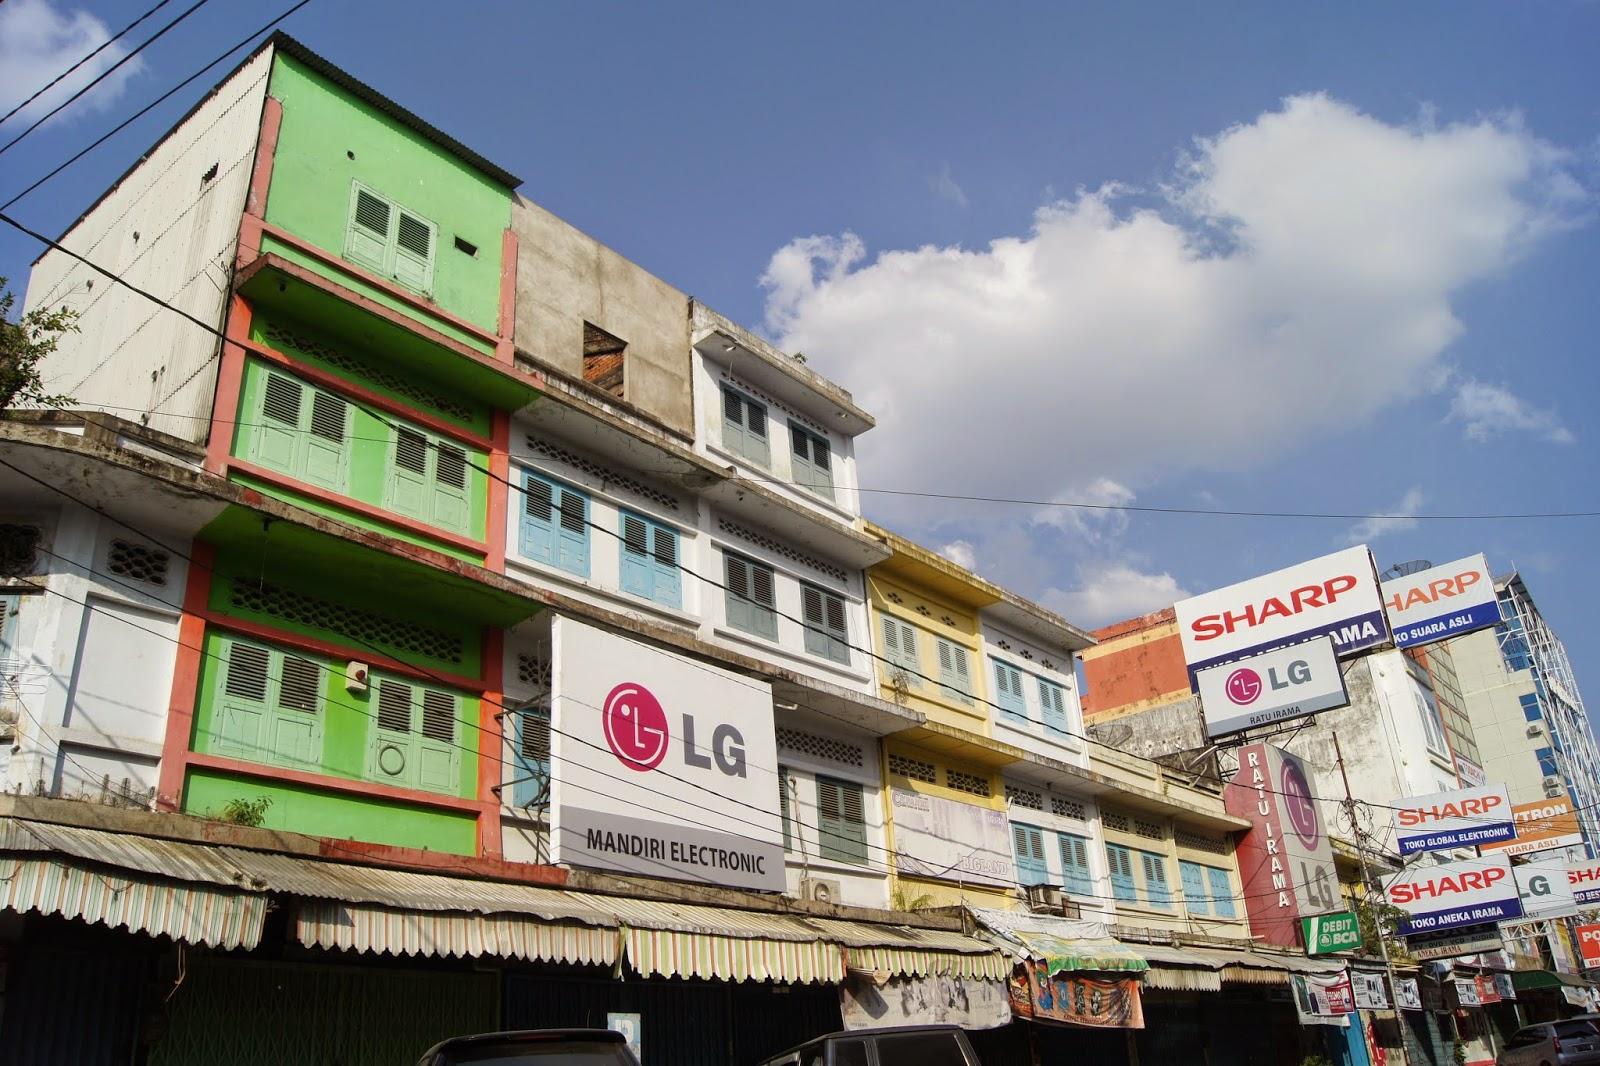 Beritaku Penataan Ruang Kota Jambi Ramah Lingkungan Tugu Pers